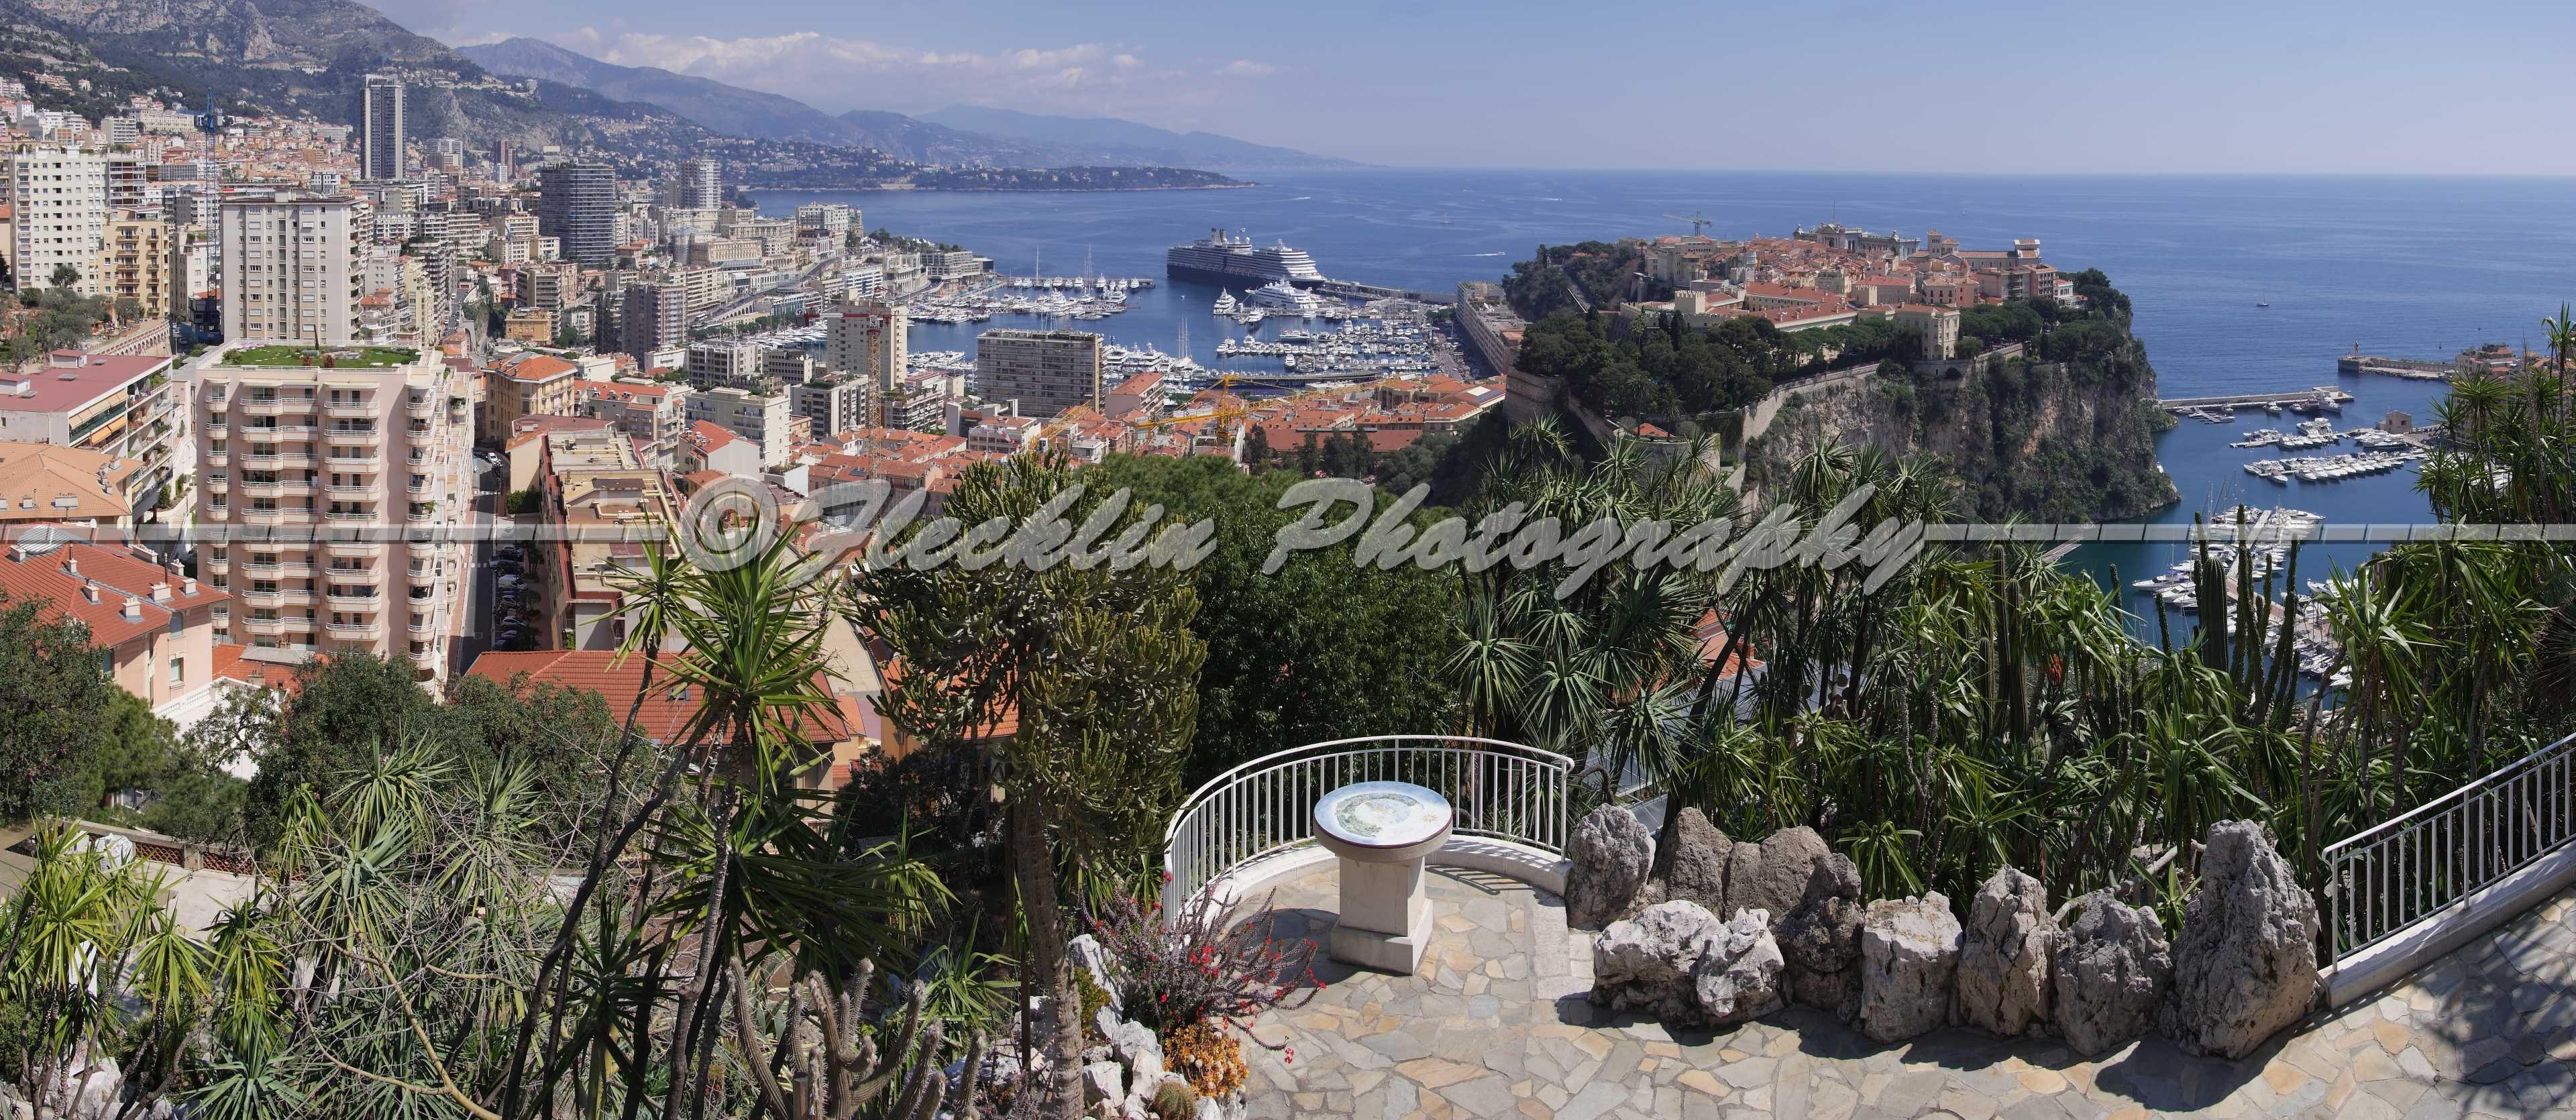 Monte carlo for Jardin exotique